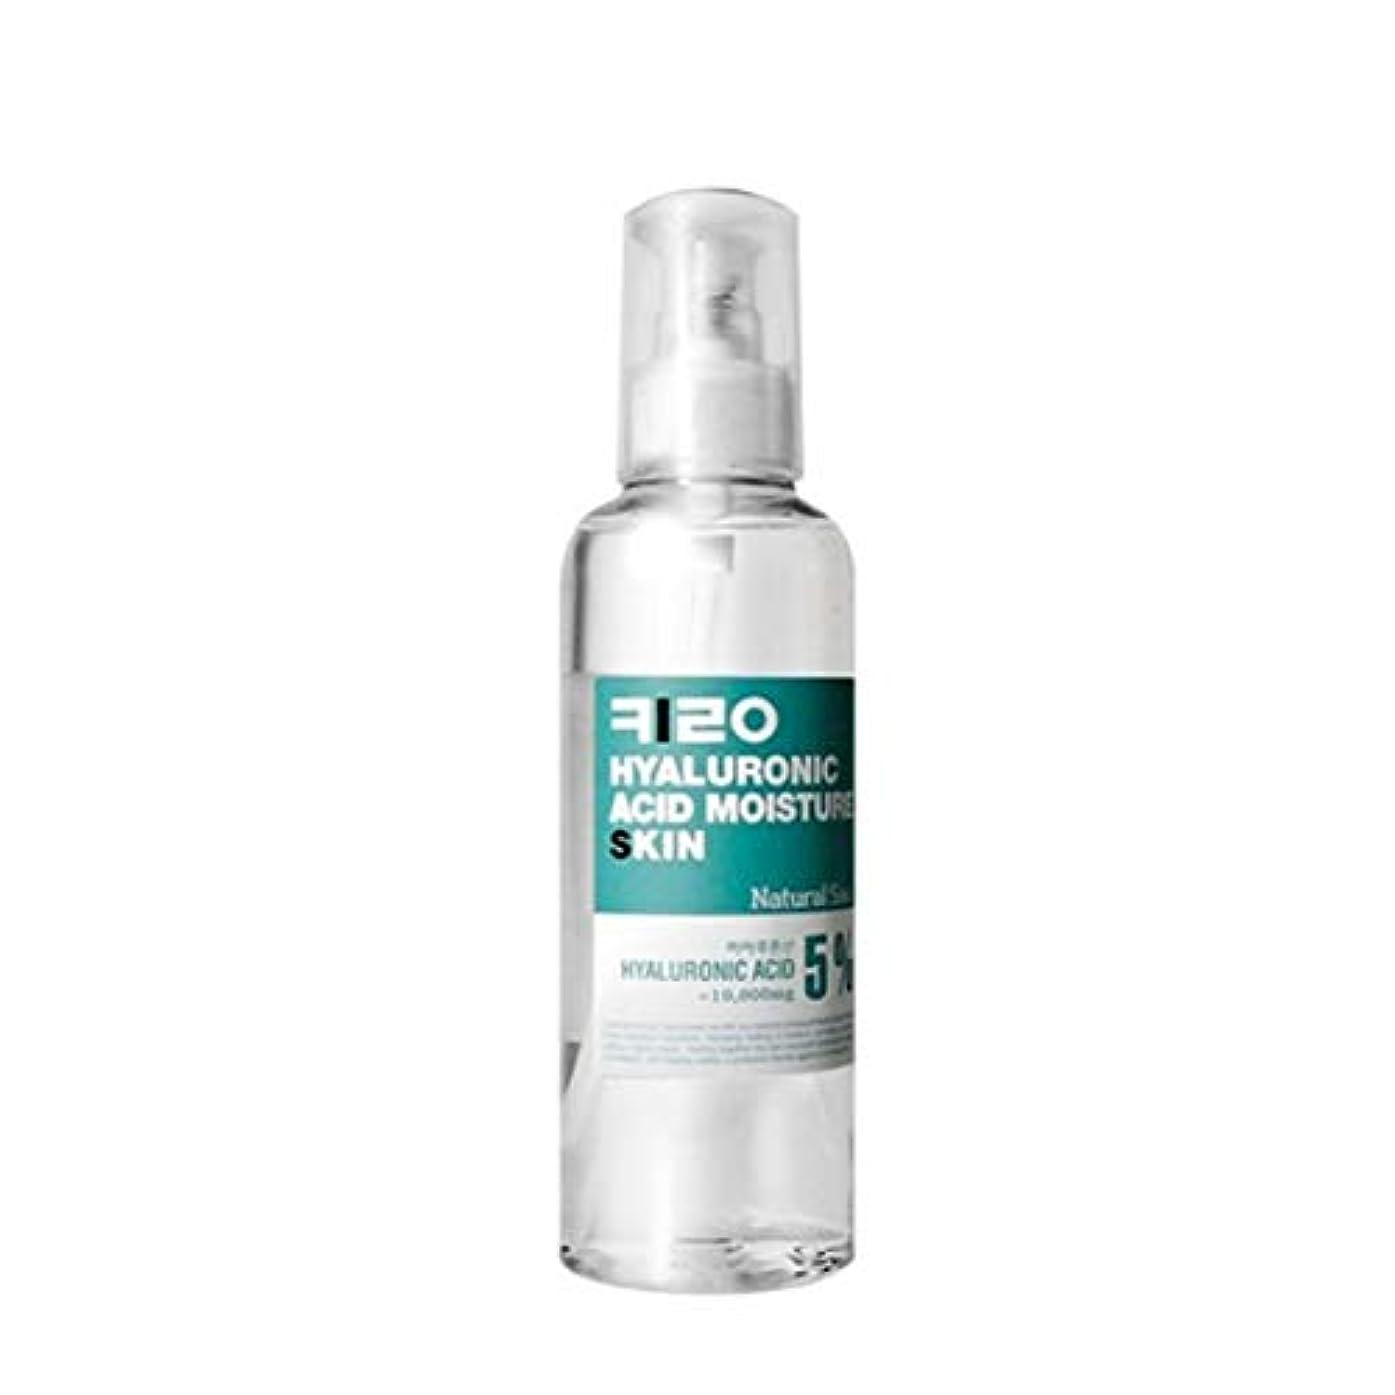 とまり木情報殺すナチュラルSooキーロヒアルロン酸モイスチャースキン200g韓国コスメ、Natural Soo Hyaluronic Acid Moisture Skin 200g Korean Cosmetics [並行輸入品]